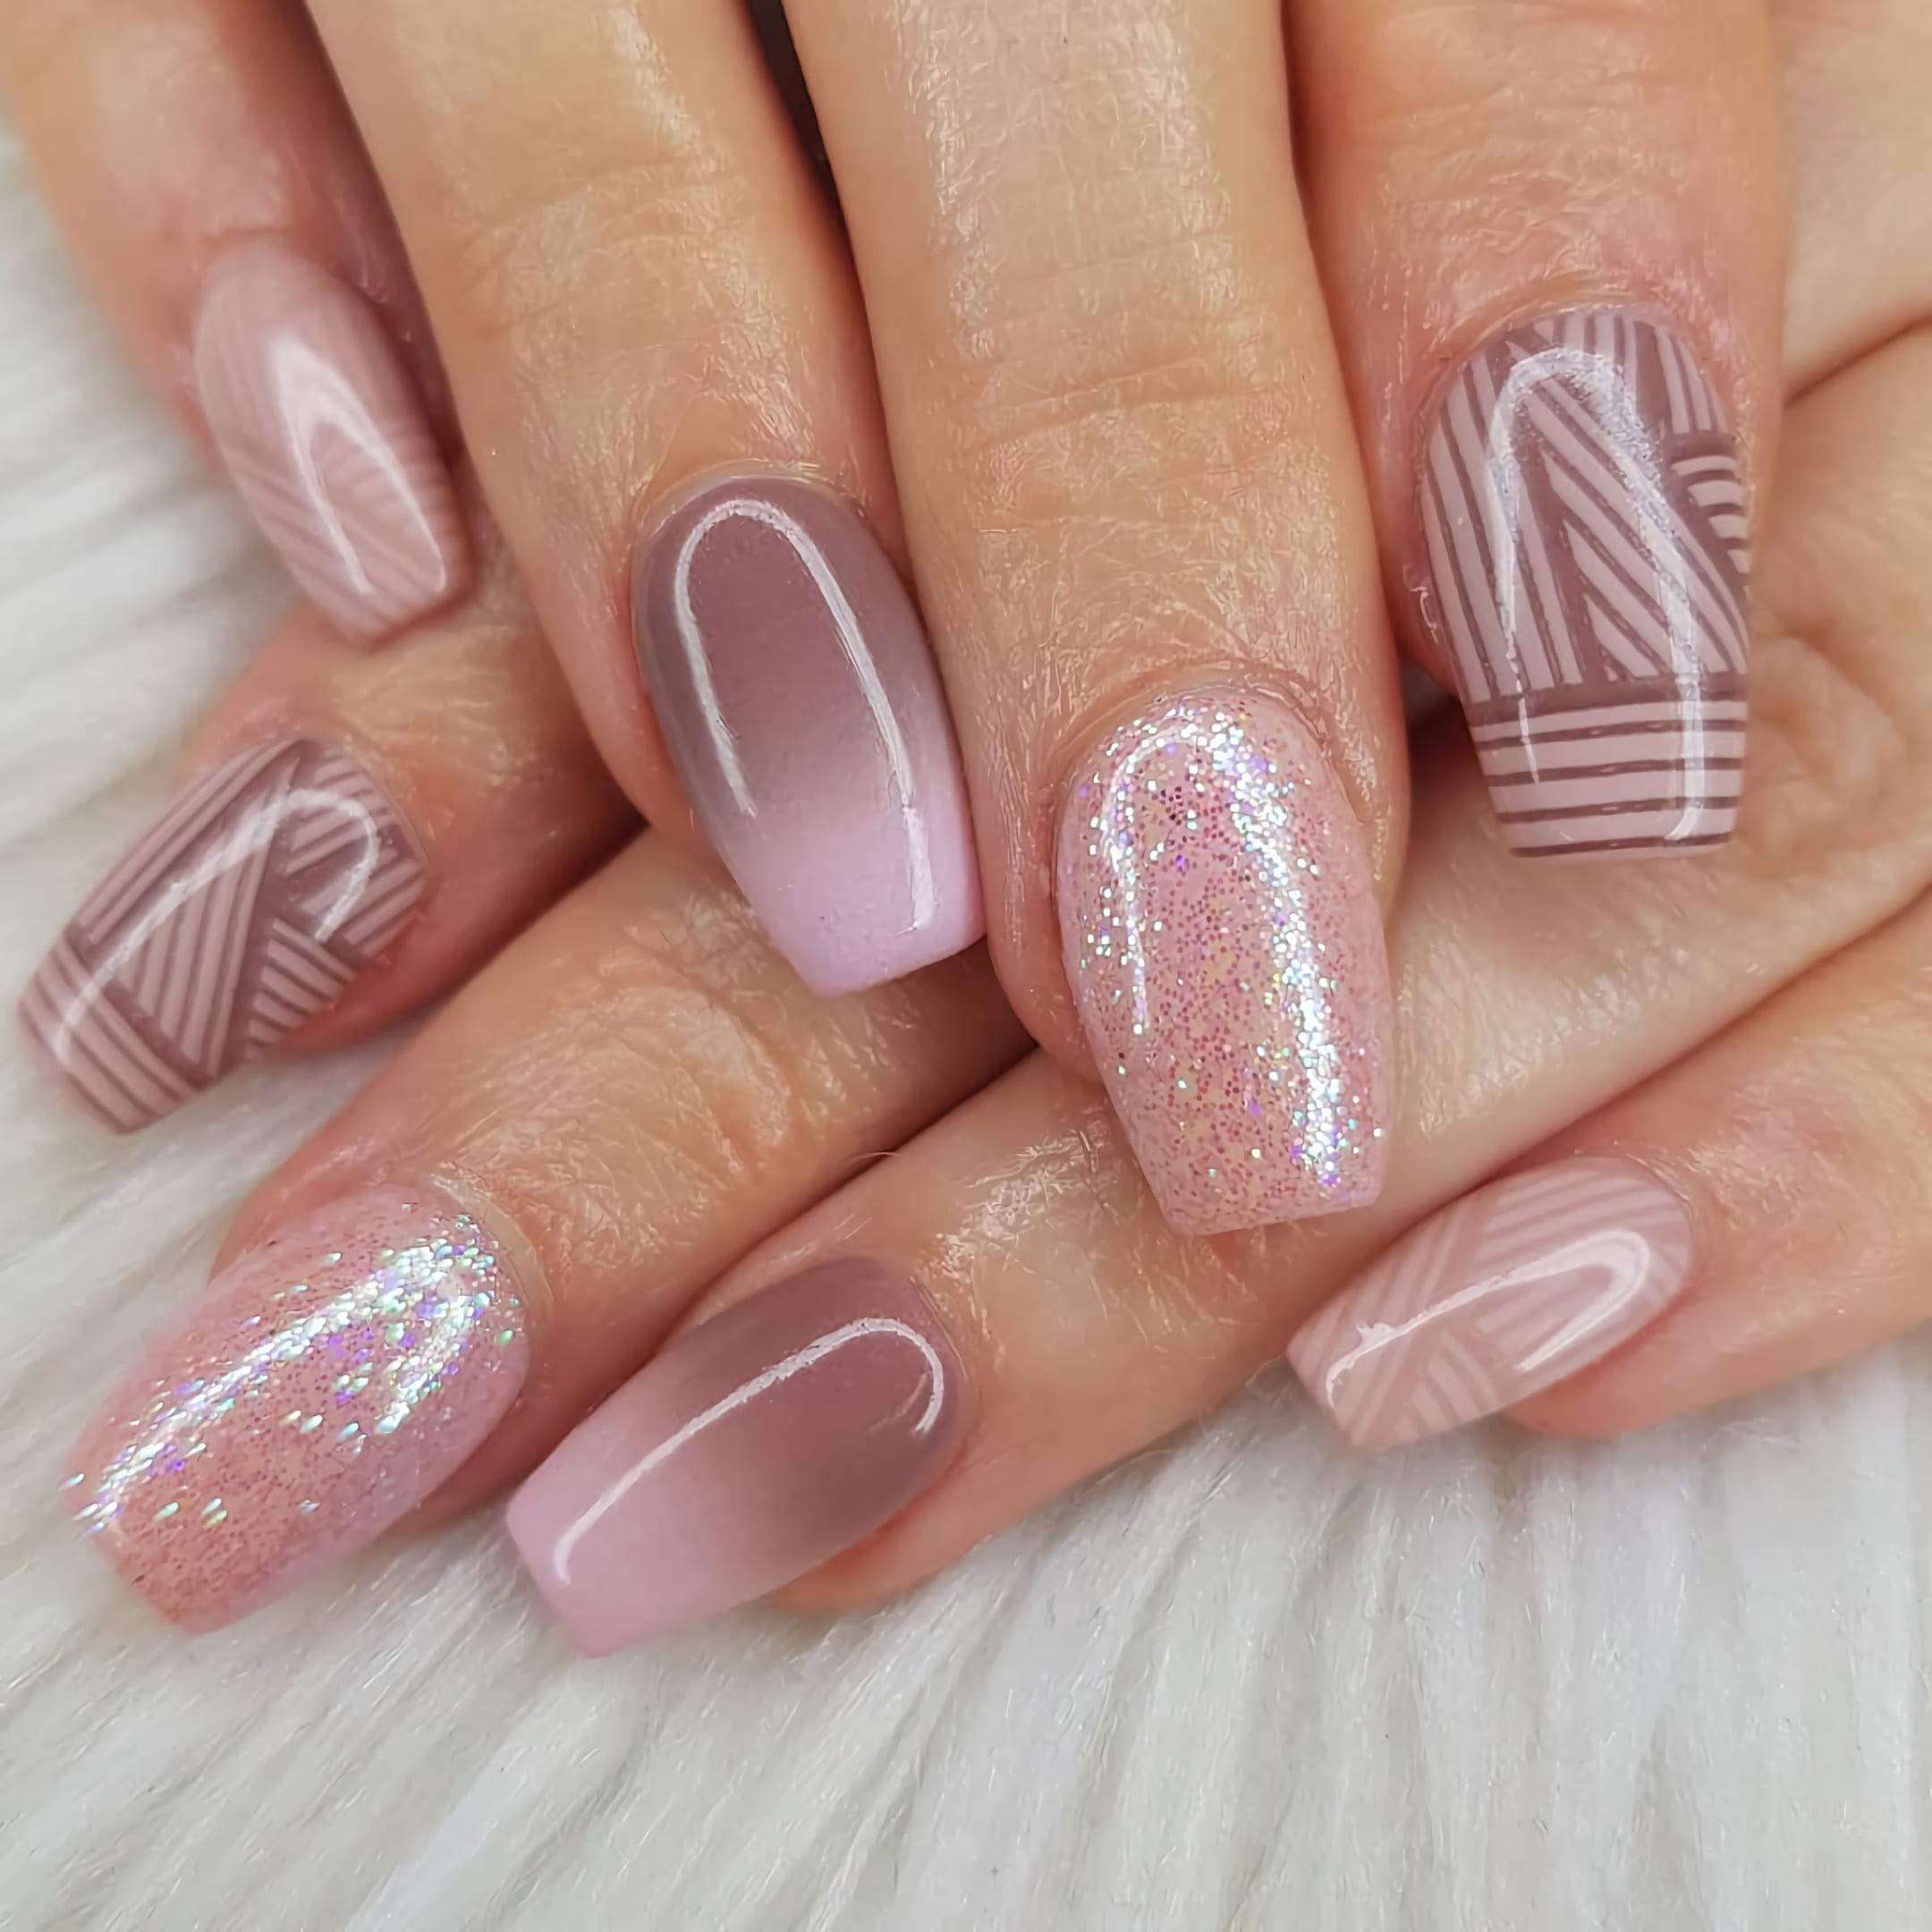 Милые идеи дизайна нюдовых ногтей